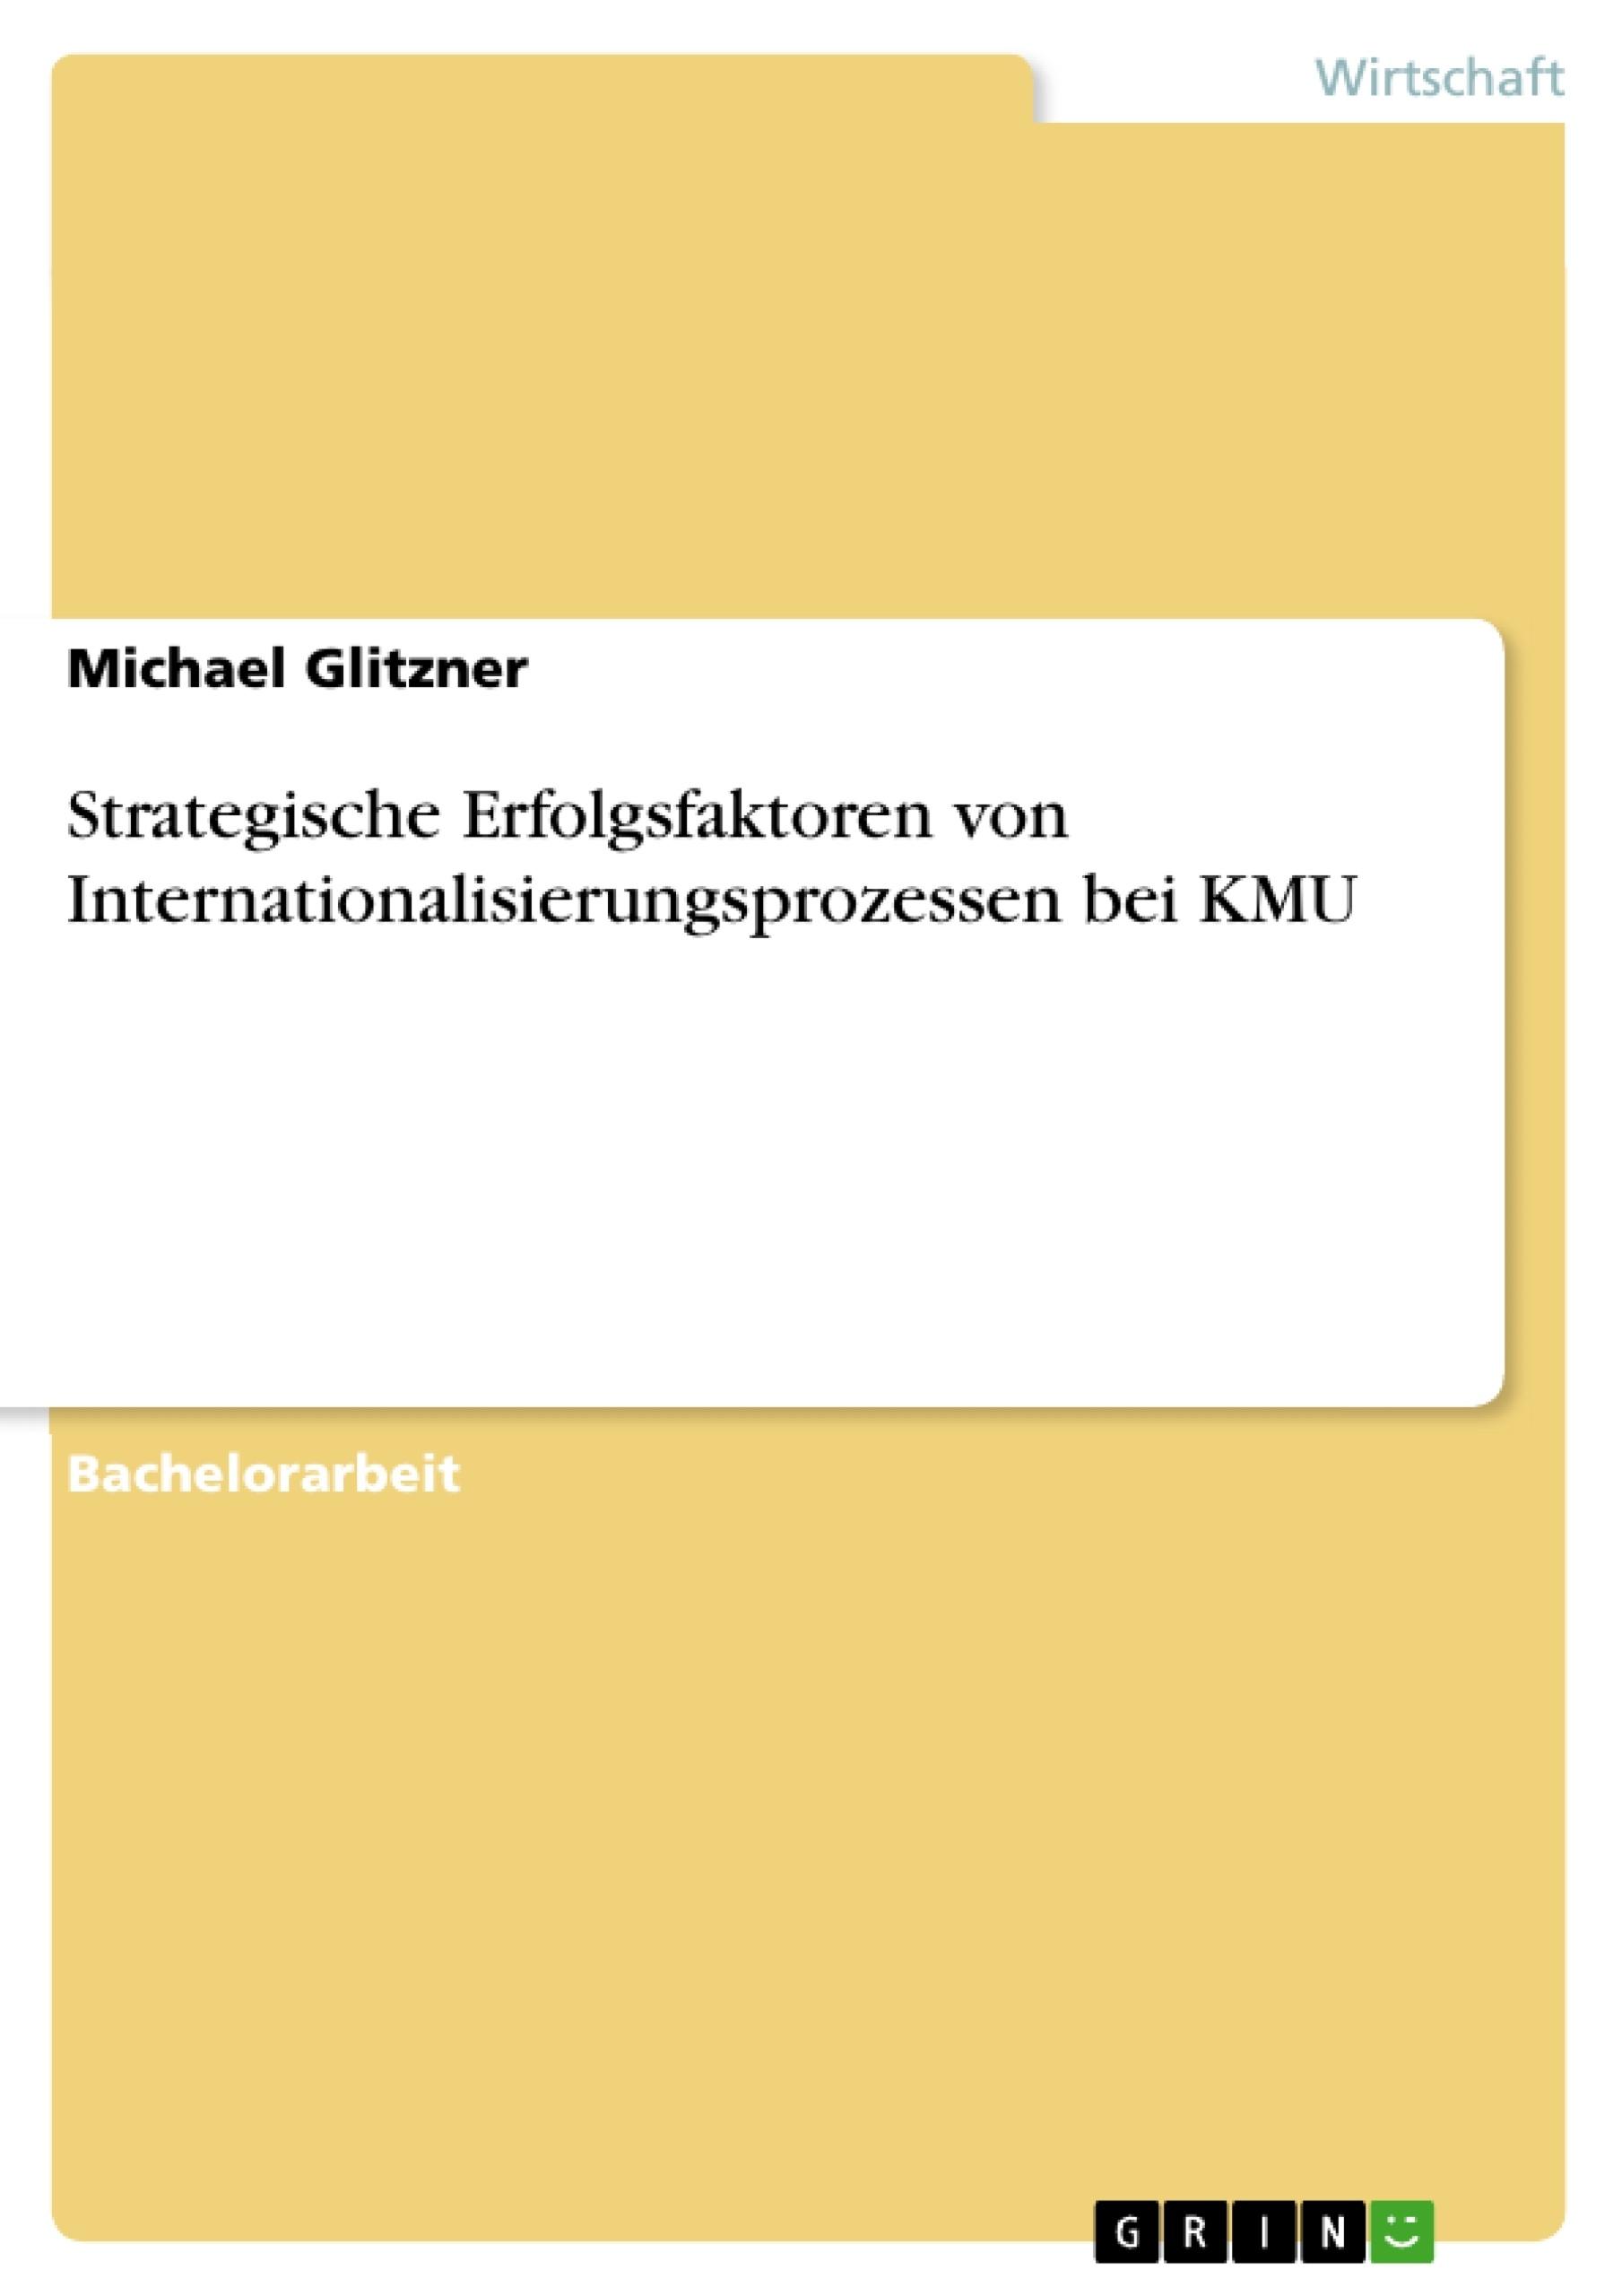 Titel: Strategische Erfolgsfaktoren von Internationalisierungsprozessen bei KMU